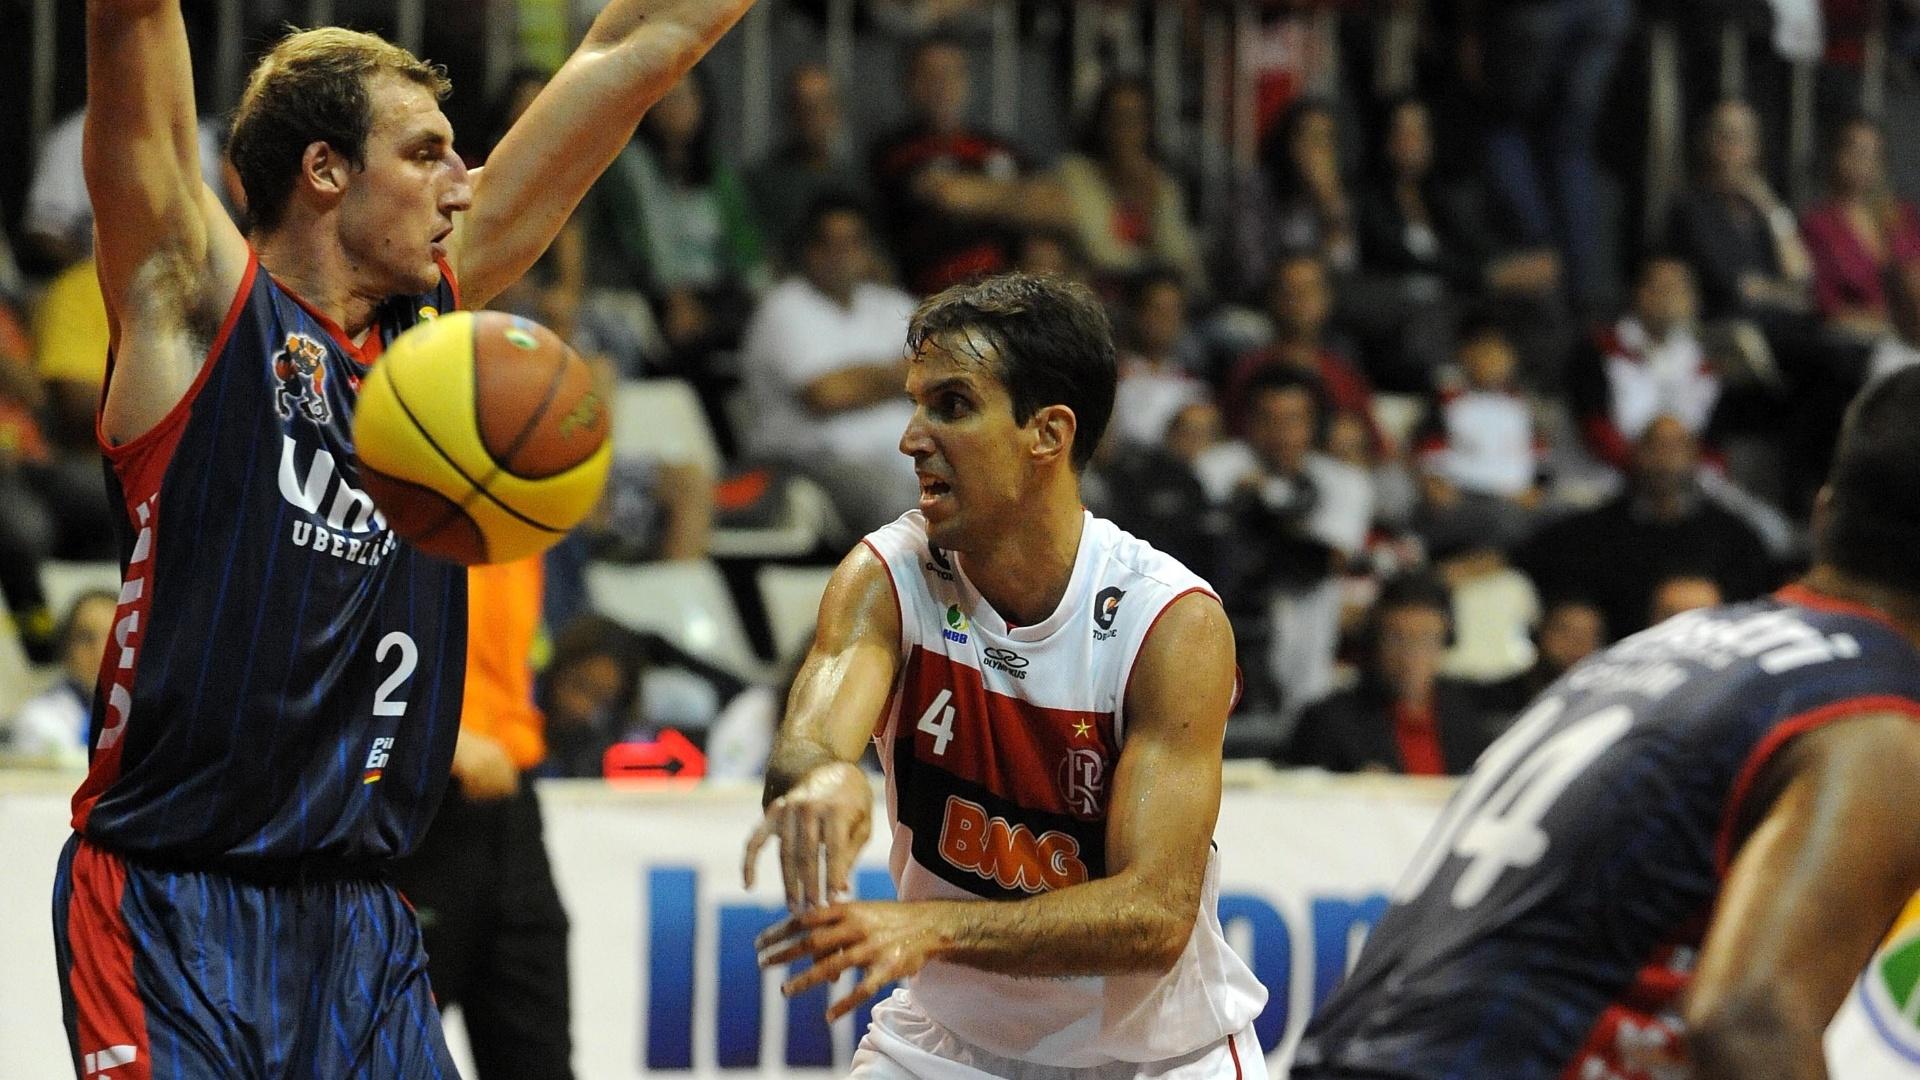 Dentro do garrafão, Marcelinho Machado, do Flamengo, tenta o passe durante jogo contra o Uberlândia